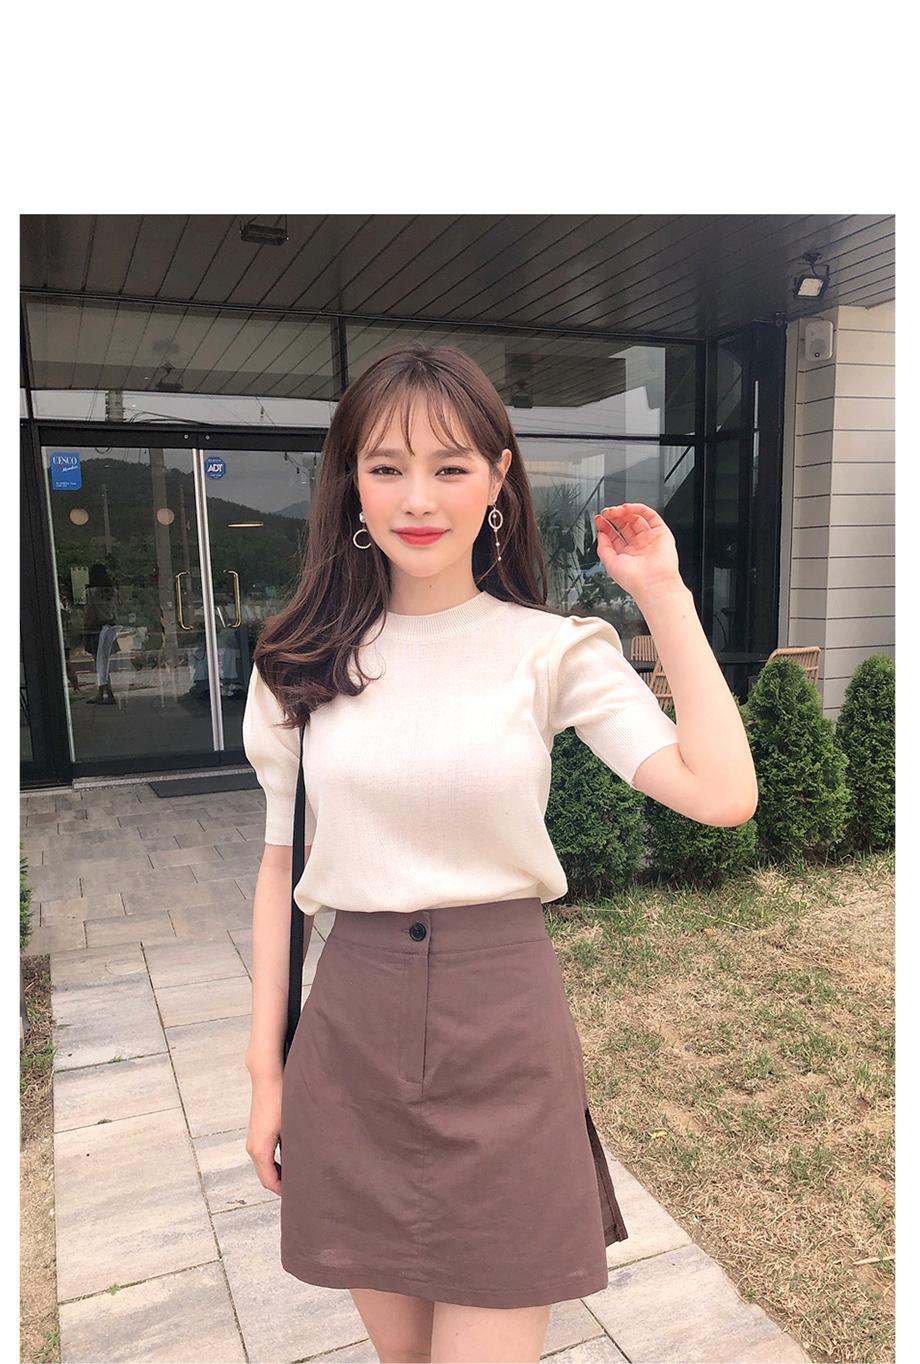 리리앤코 쥬팝 언발 드롭 귀걸이